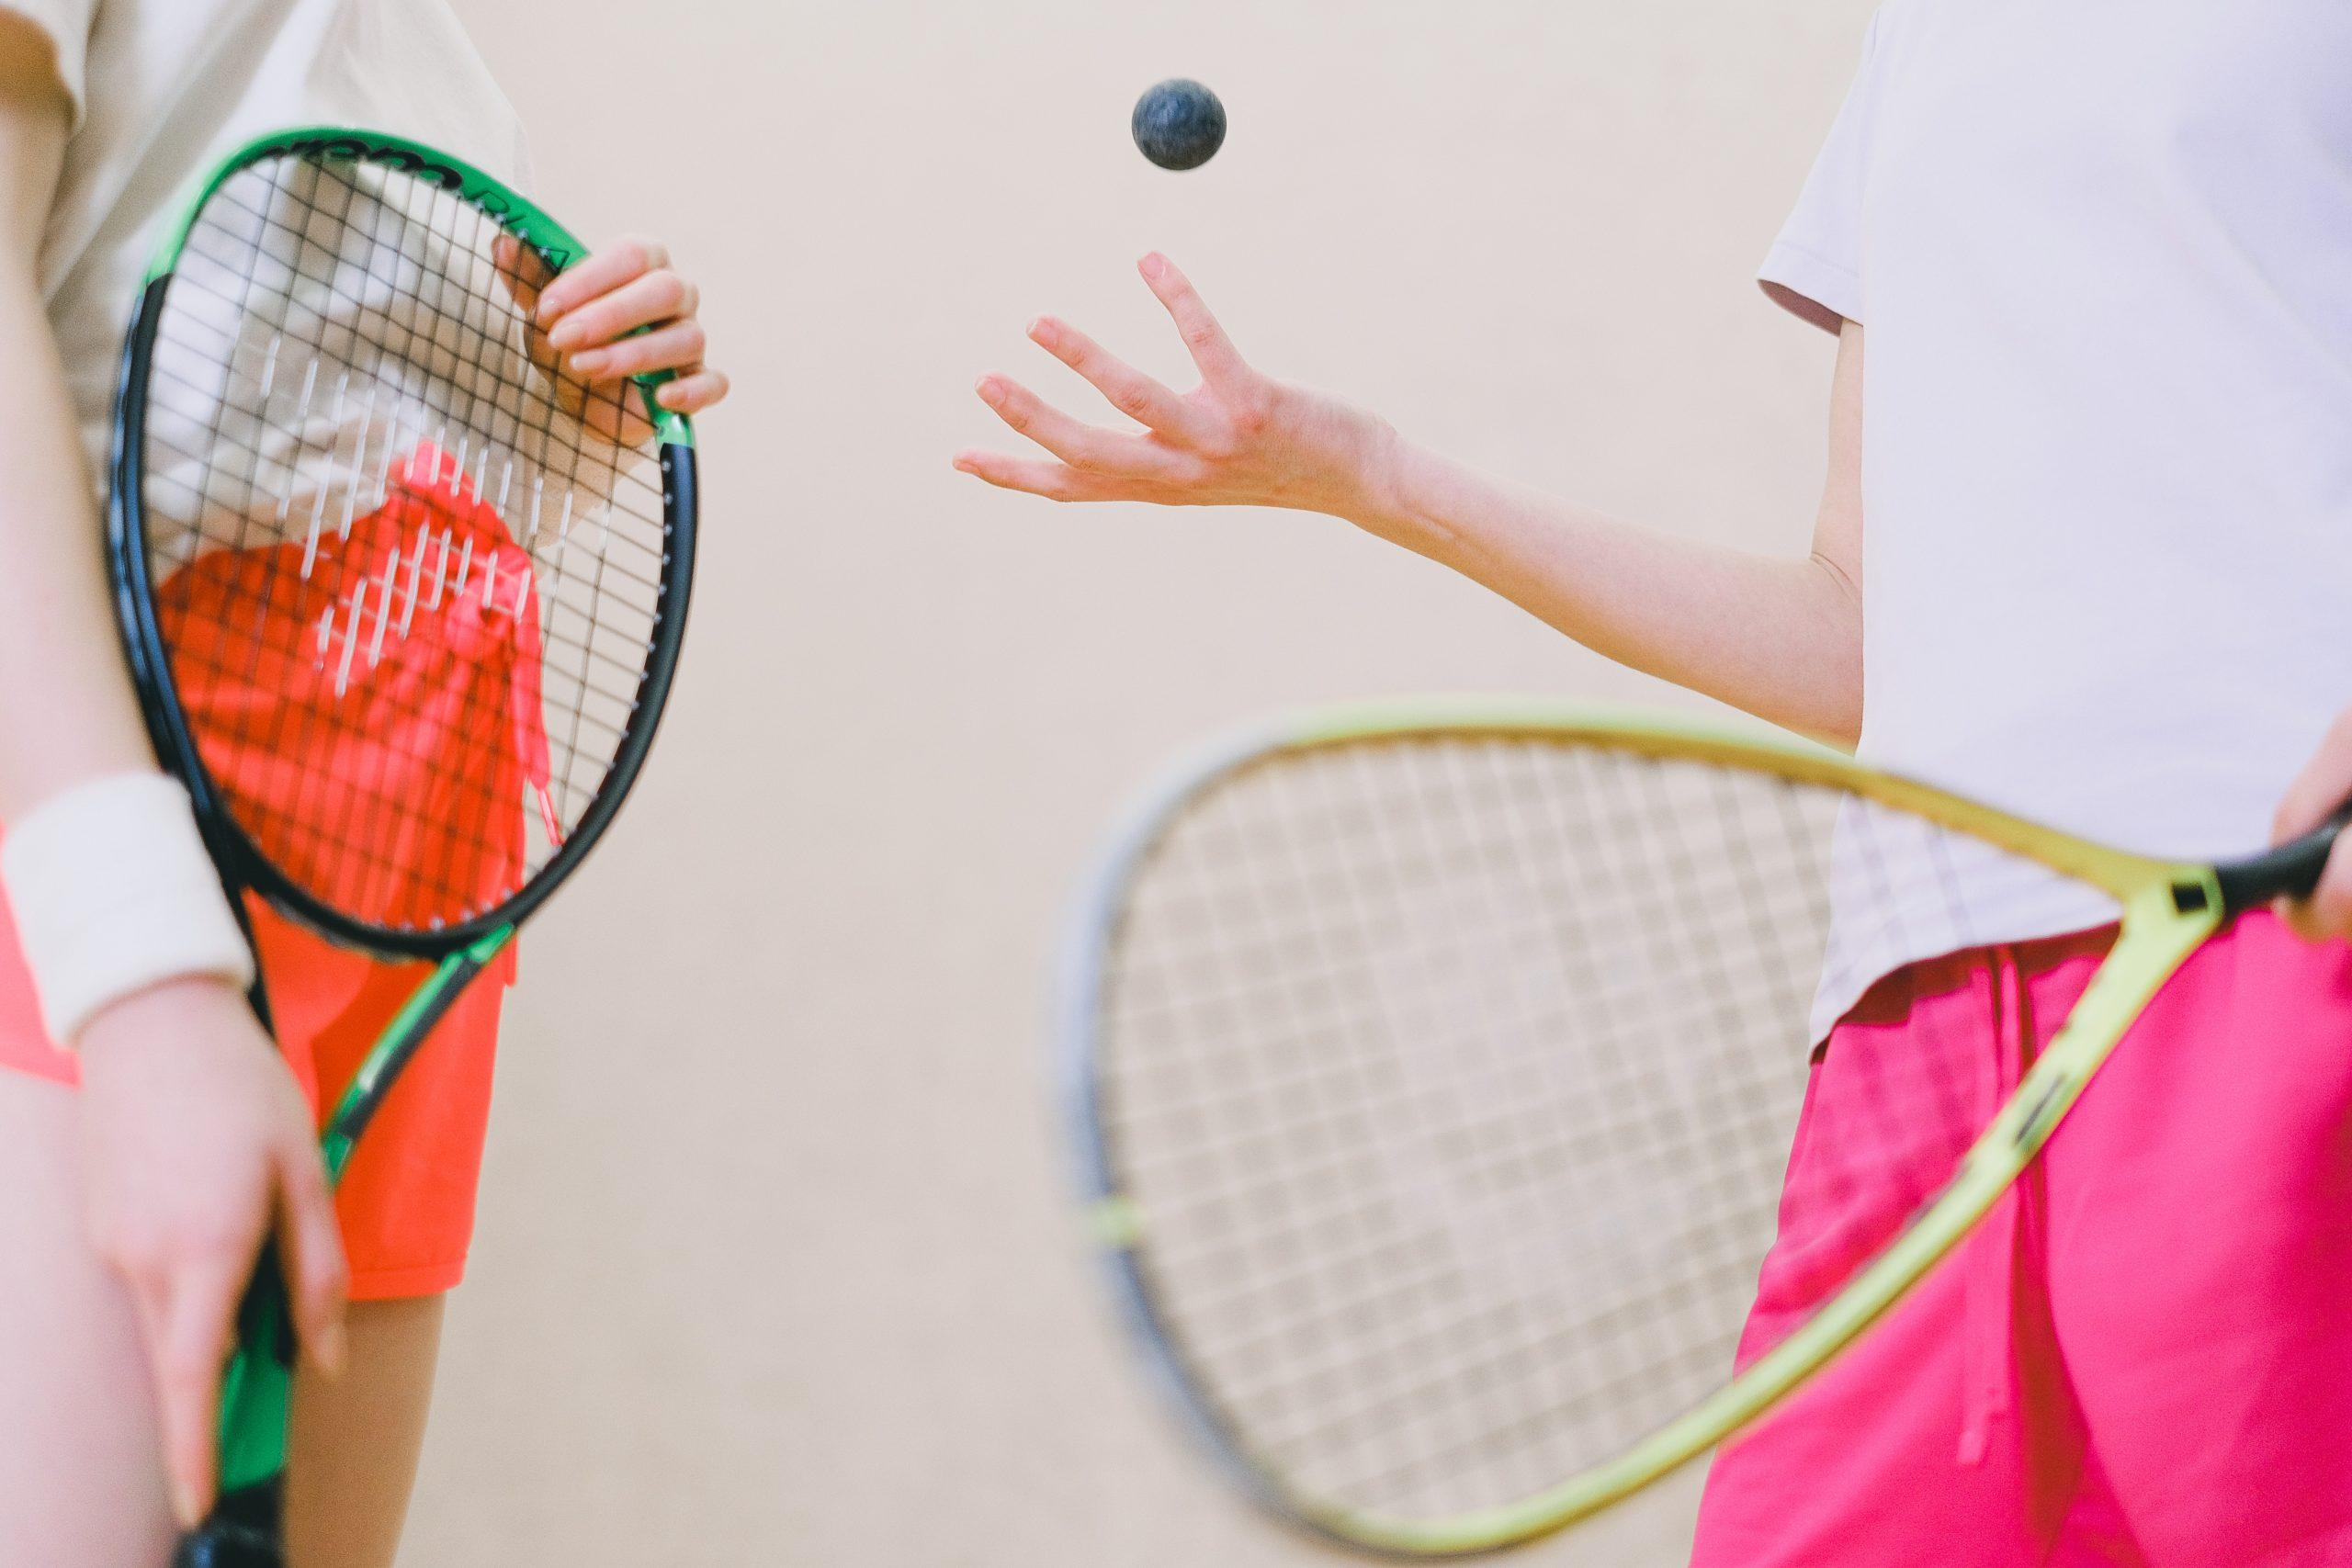 Foto de duas atletas de squash, da cabeça para baixo, segurando as raquetes. Uma delas joga a bolinha de borracha para cima.